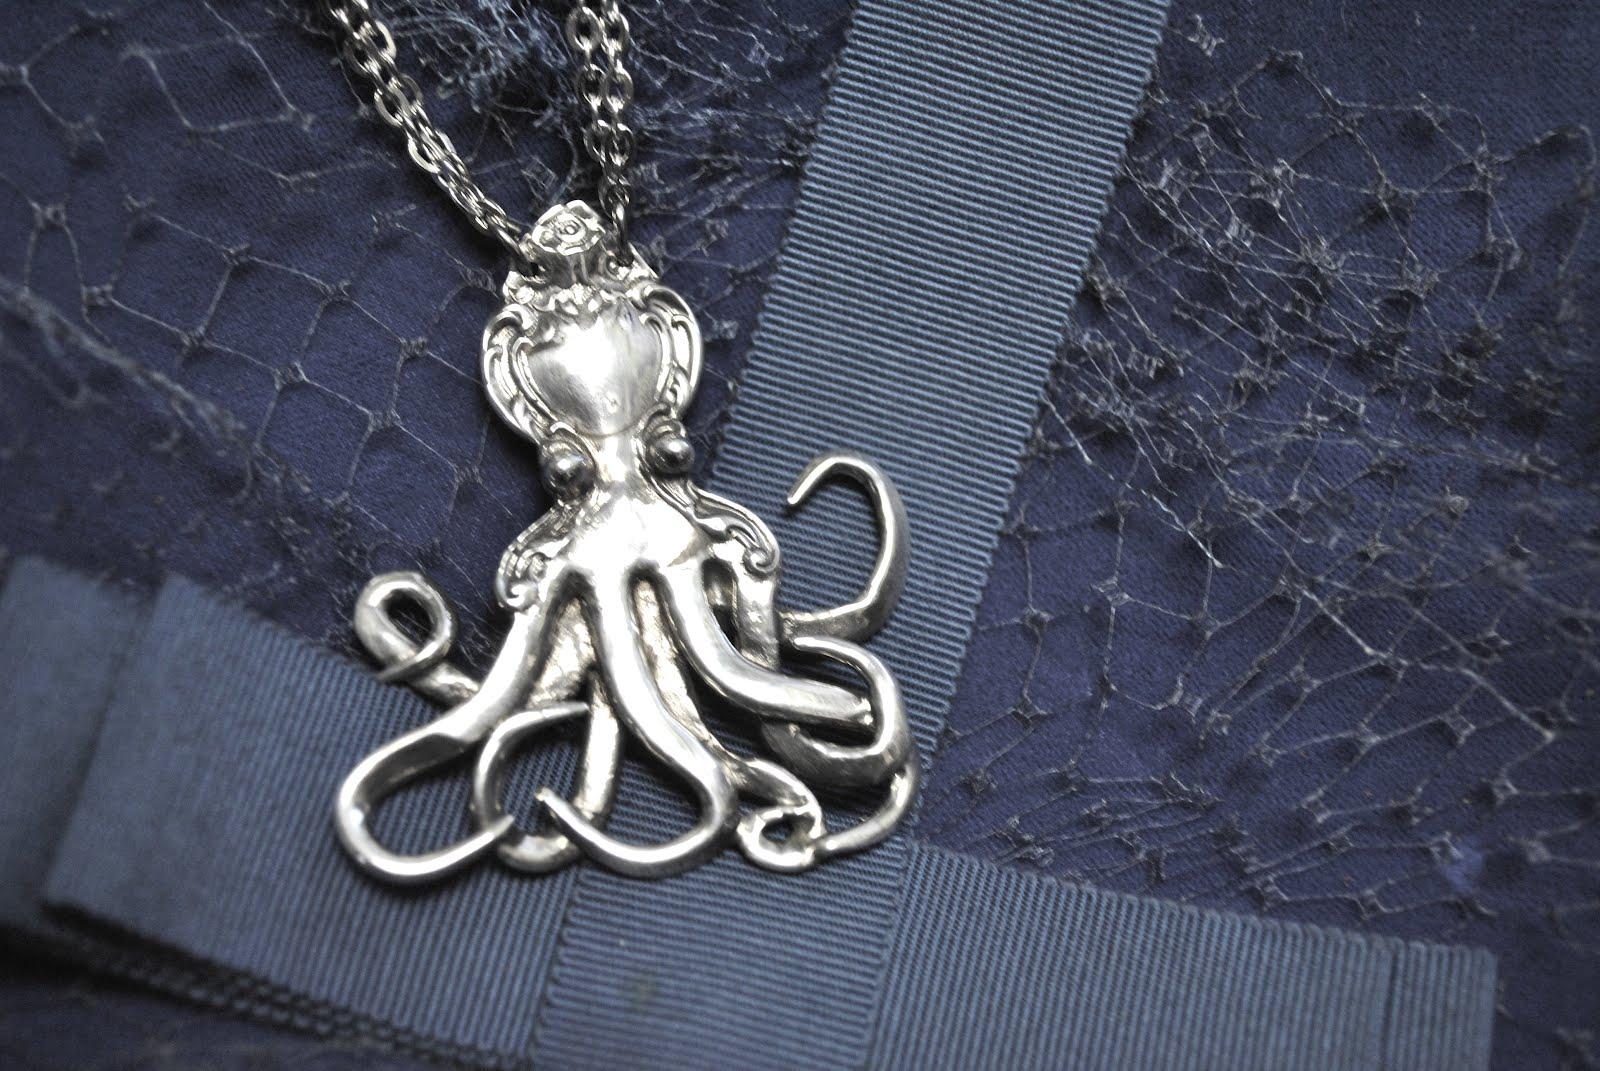 Silver Spoon Jewelry: California Gift Show - LA Mart